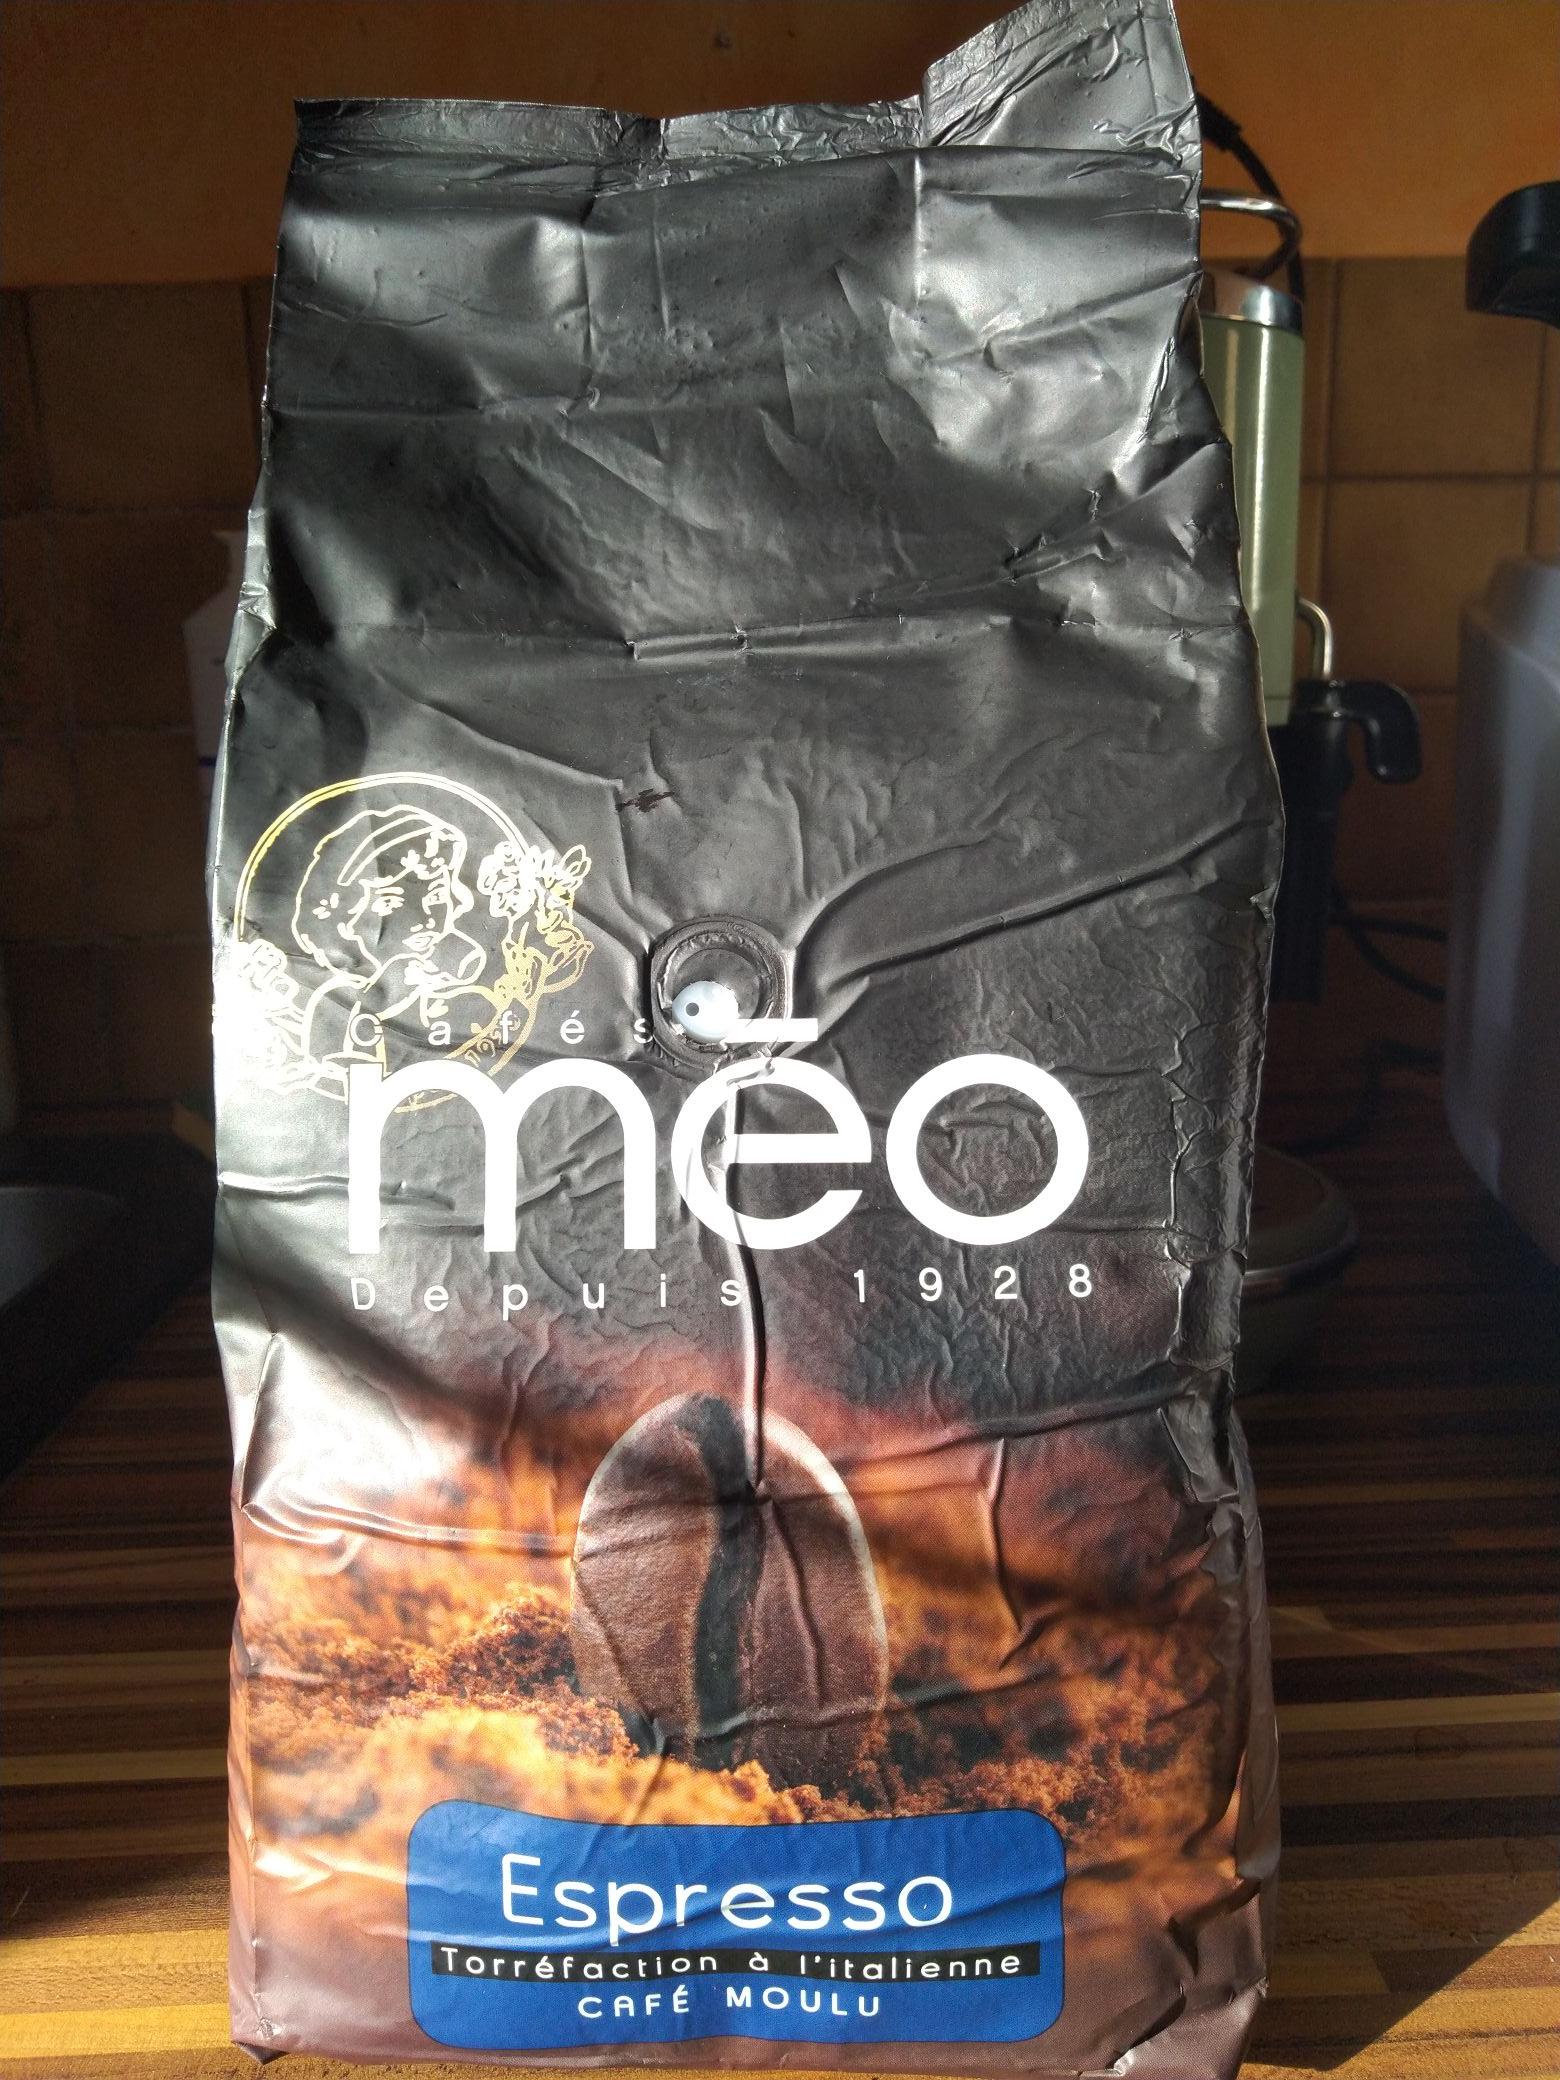 Paquet de Café moulu Méo Espresso torréfaction à l'italienne 1 kg - Saran (45)